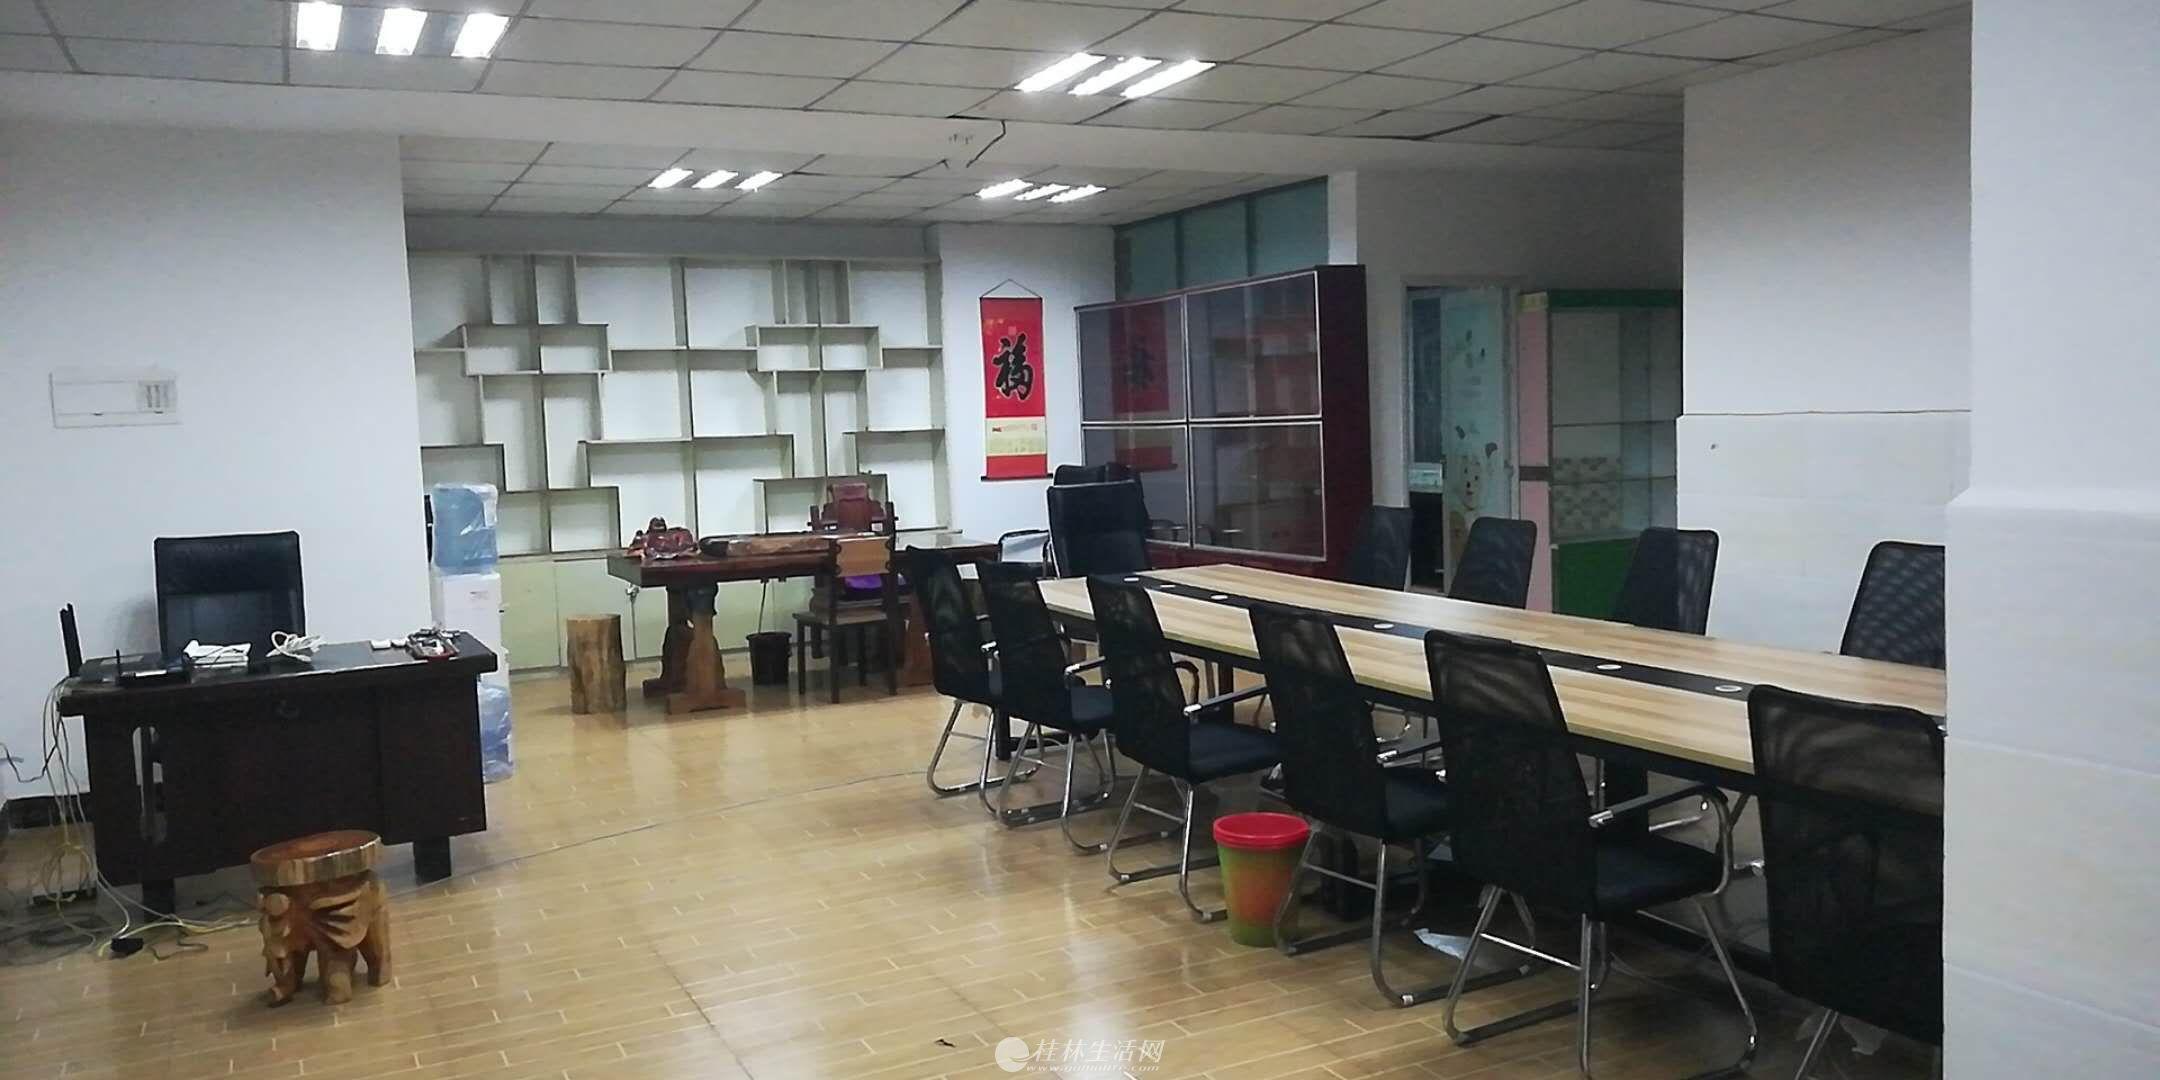 上海路枫丹丽苑电梯4楼220平米办公室出租25元/平方 ,配套齐全,10兆宽带。